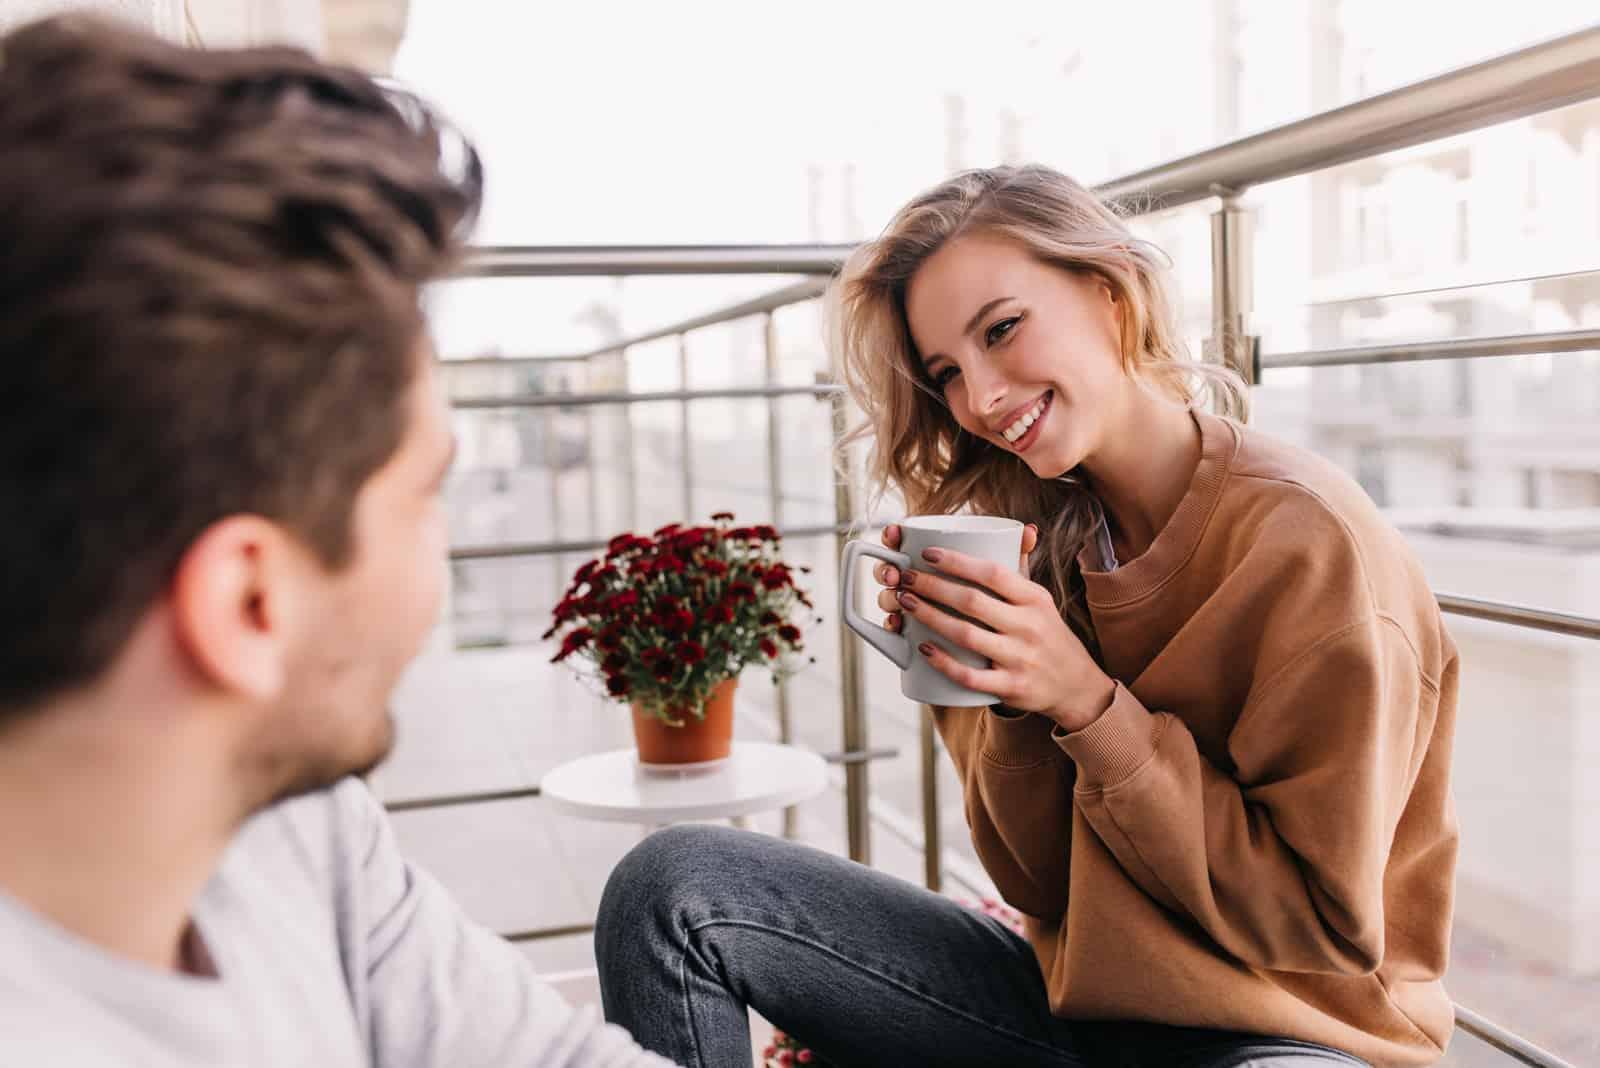 un homme et une femme sont assis sur le balcon en train de boire du café et de rire